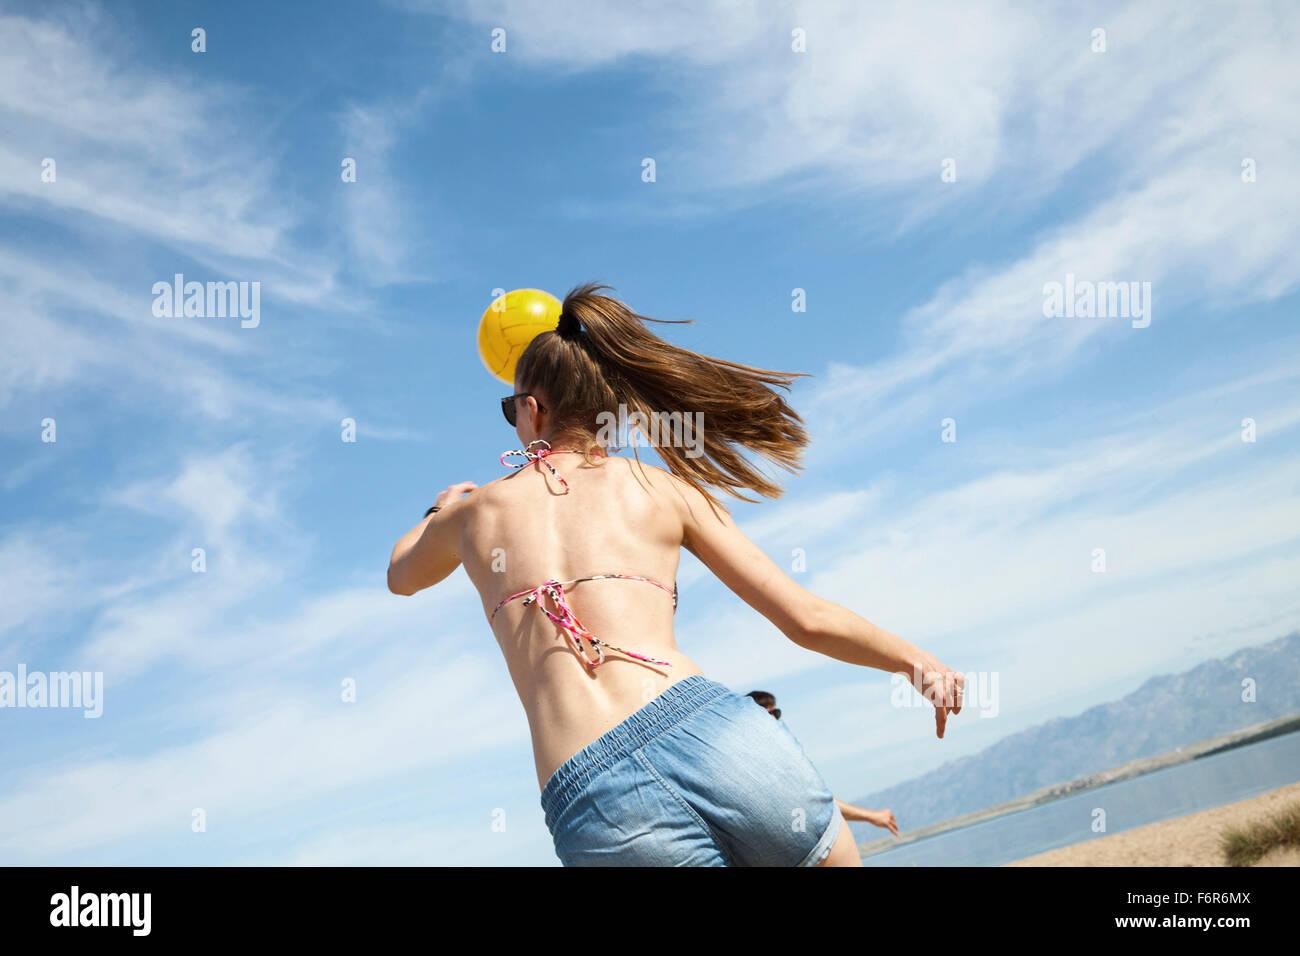 Giovane donna a giocare a beach volley Immagini Stock